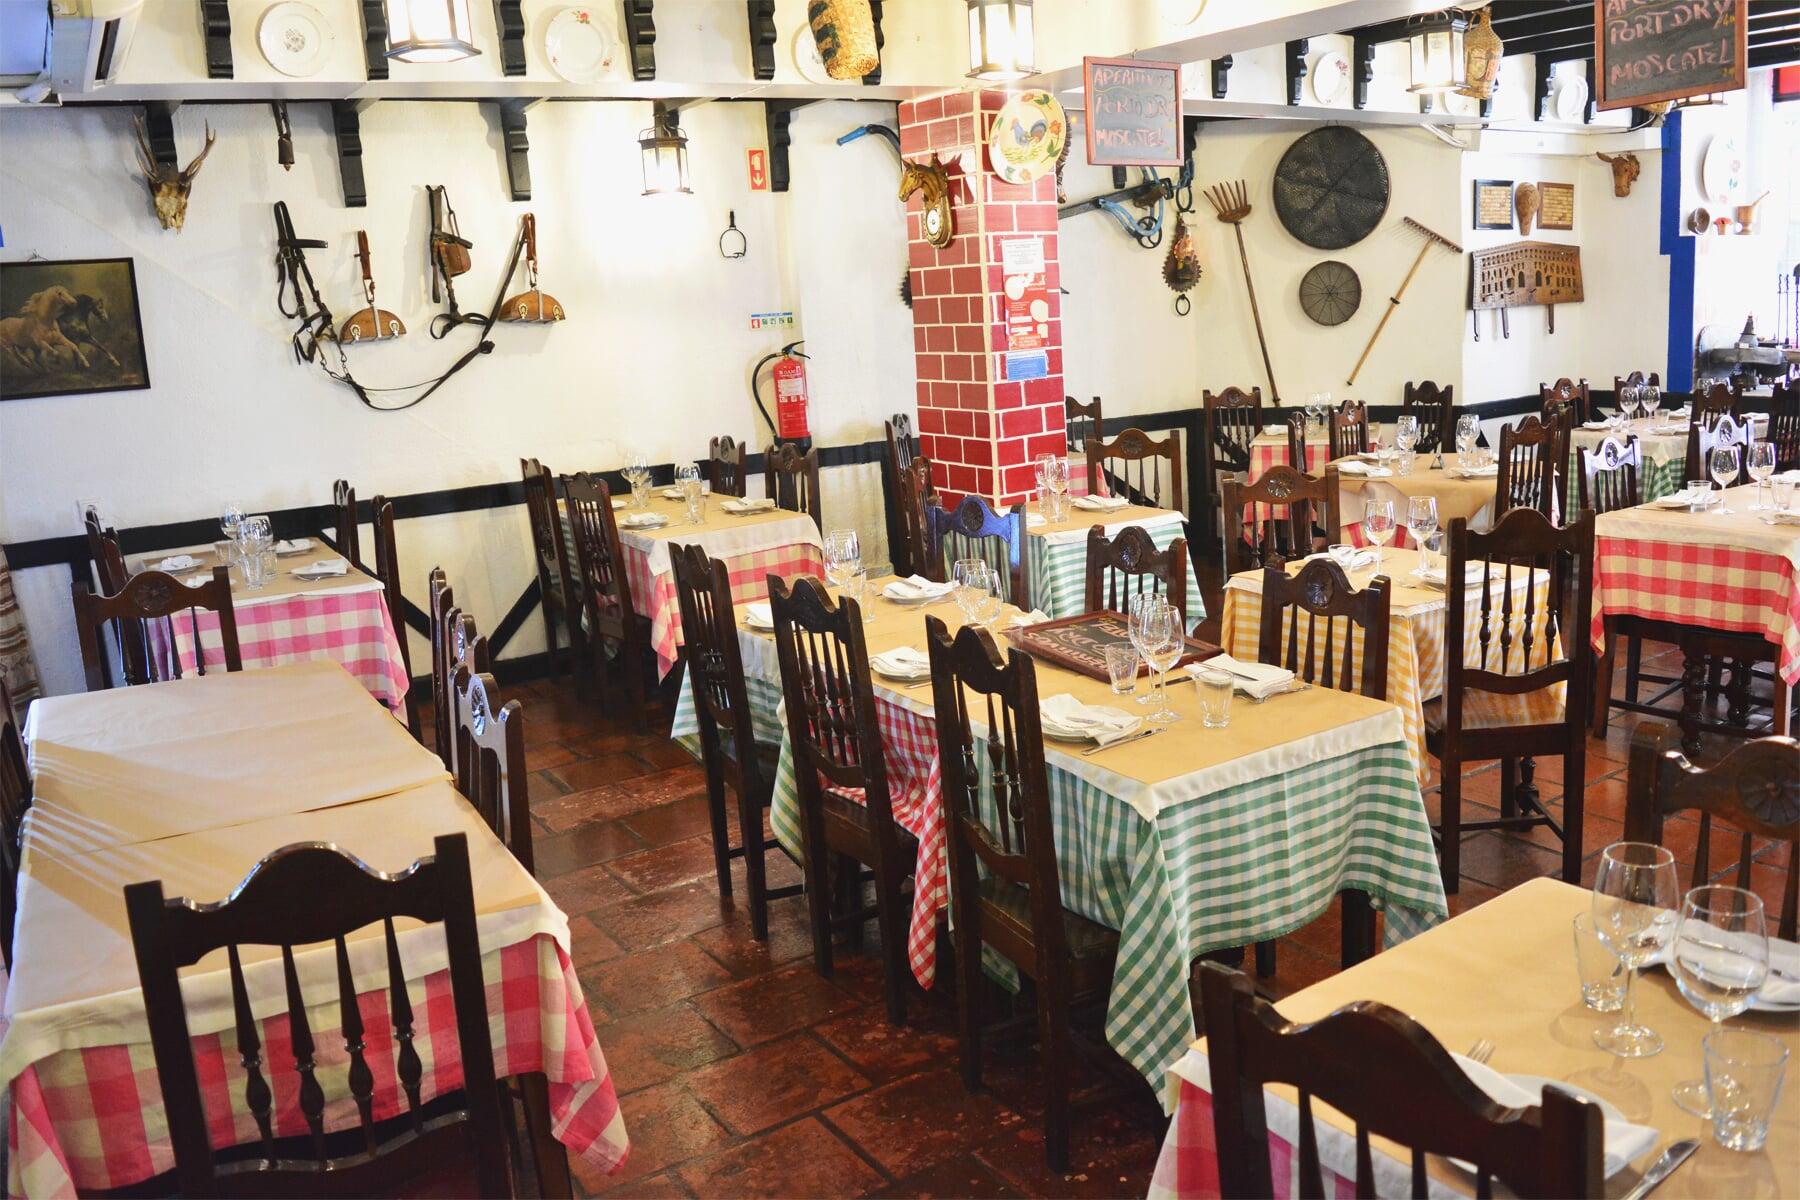 Restaurante cocheira Alentejana